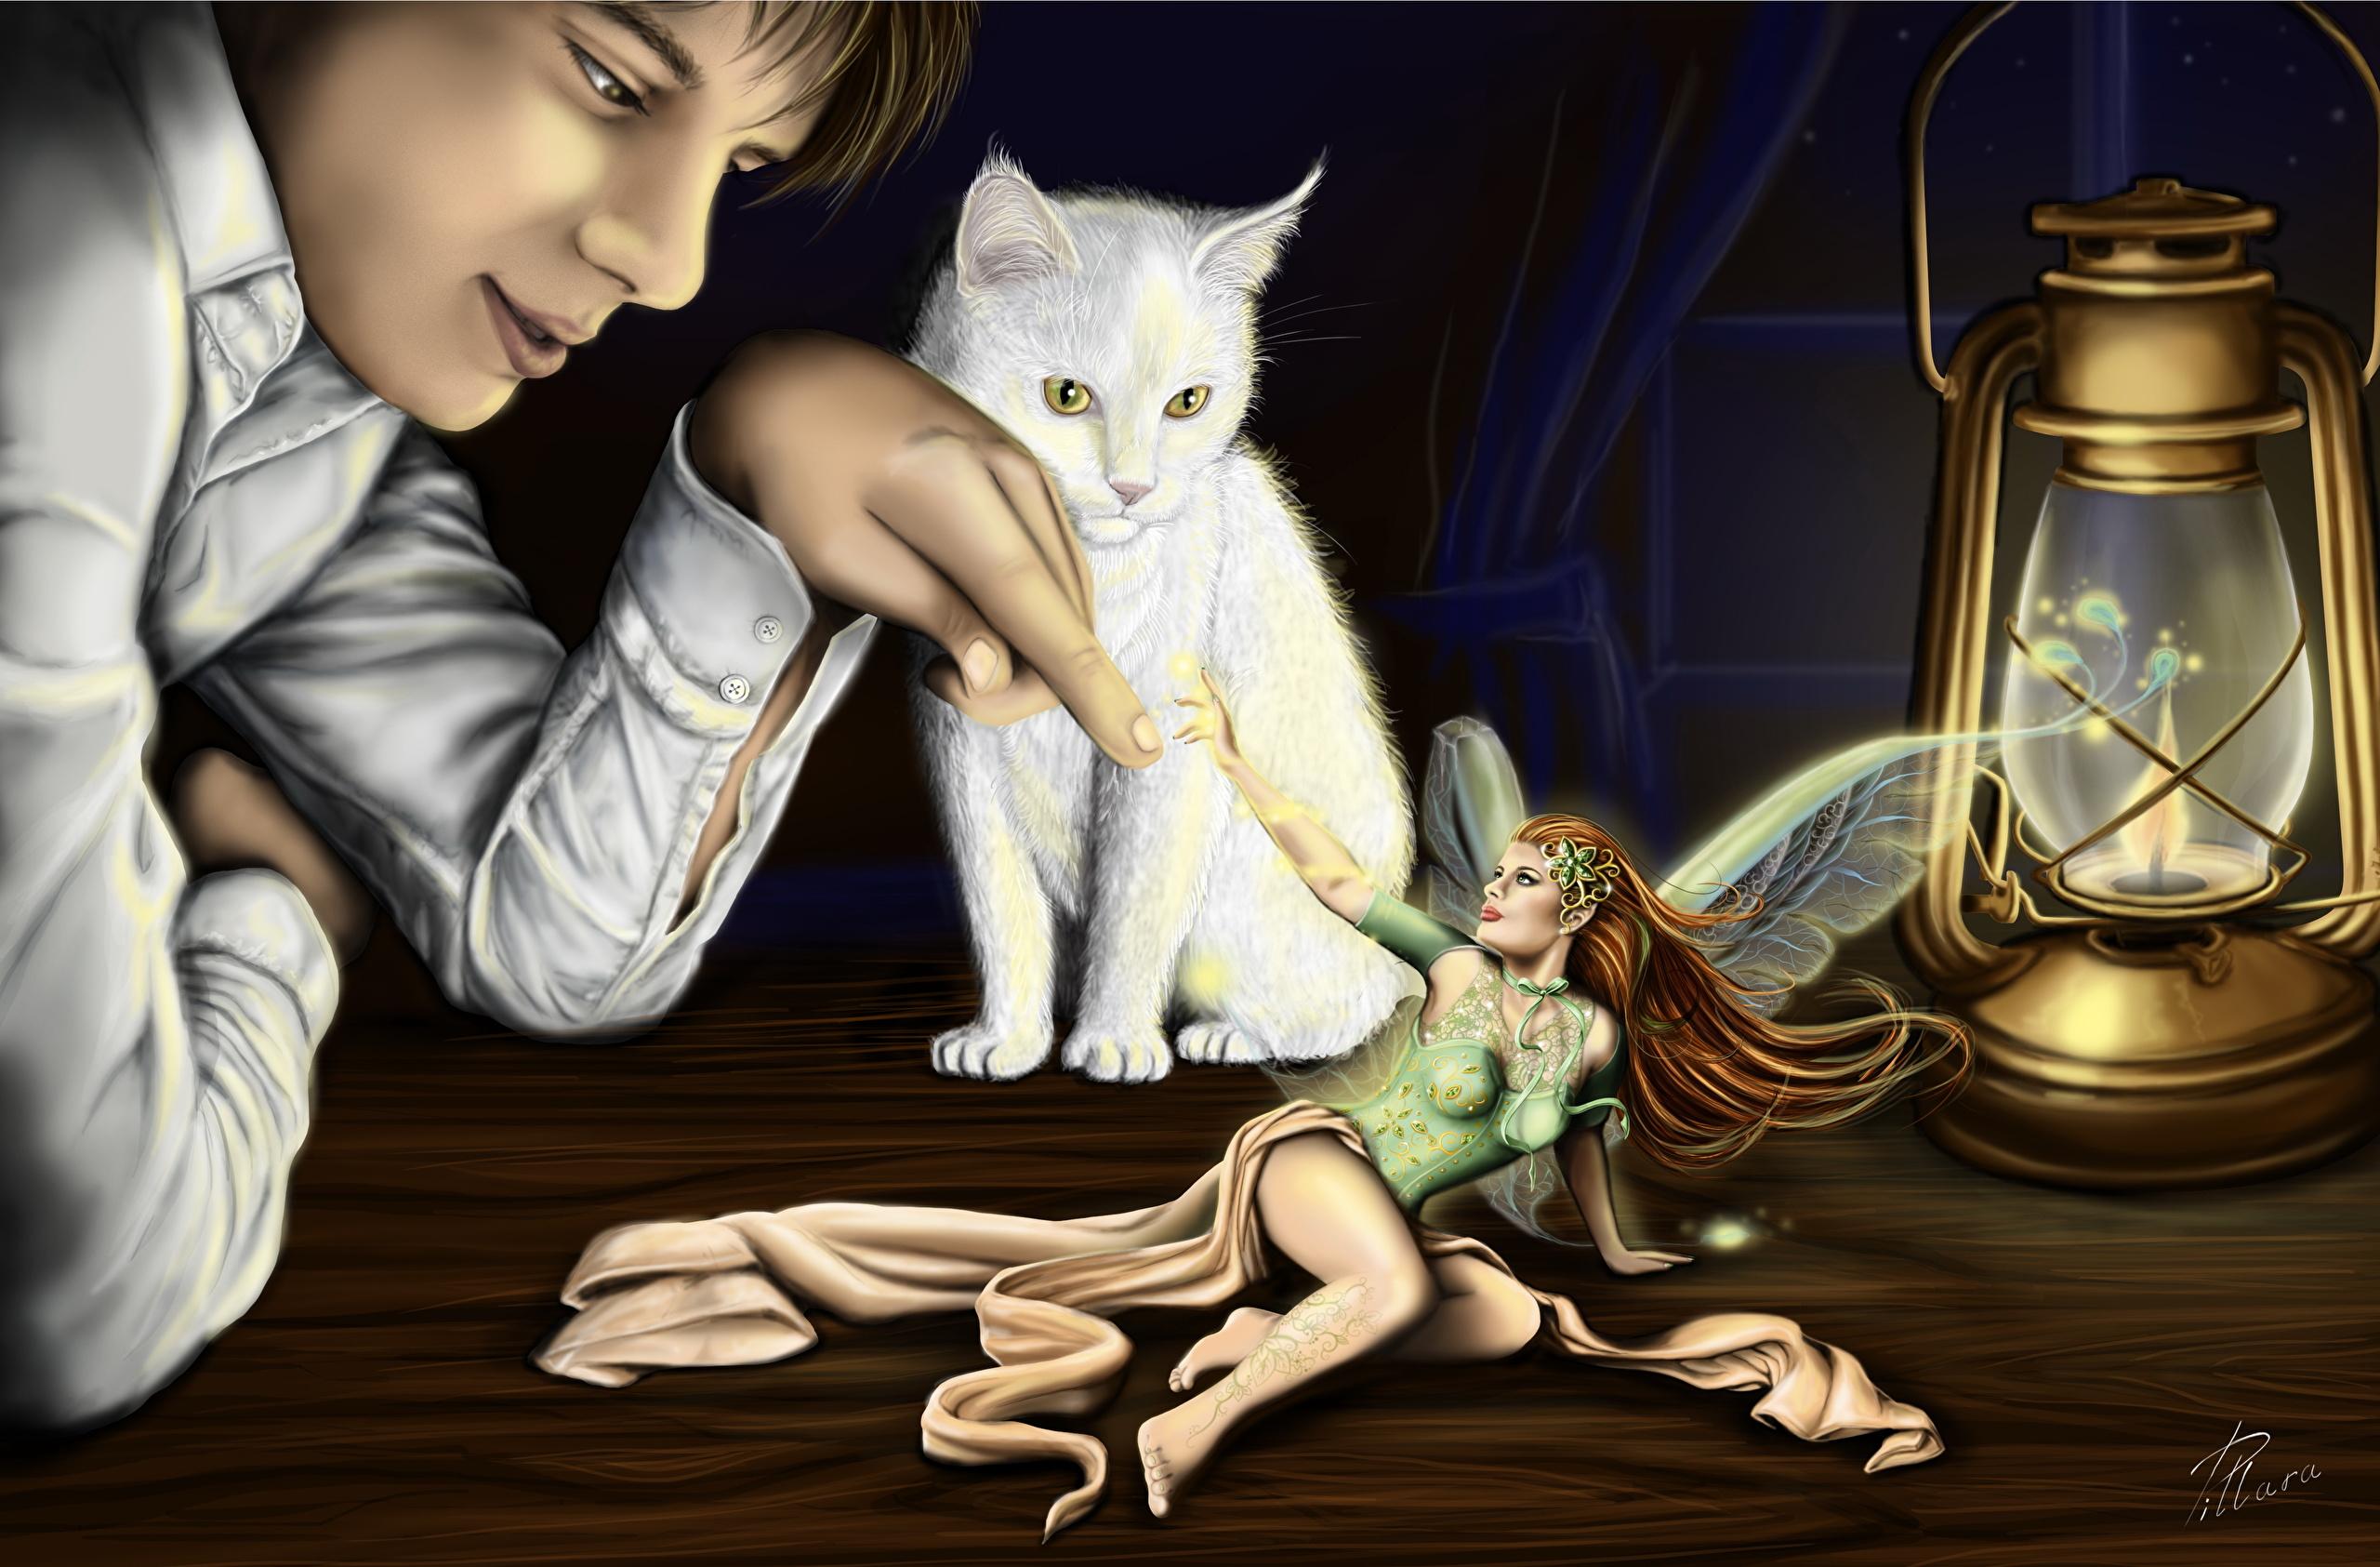 Desktop Wallpapers Cats Fairies Man Girls Fantasy paraffin 2560x1685 2560x1685